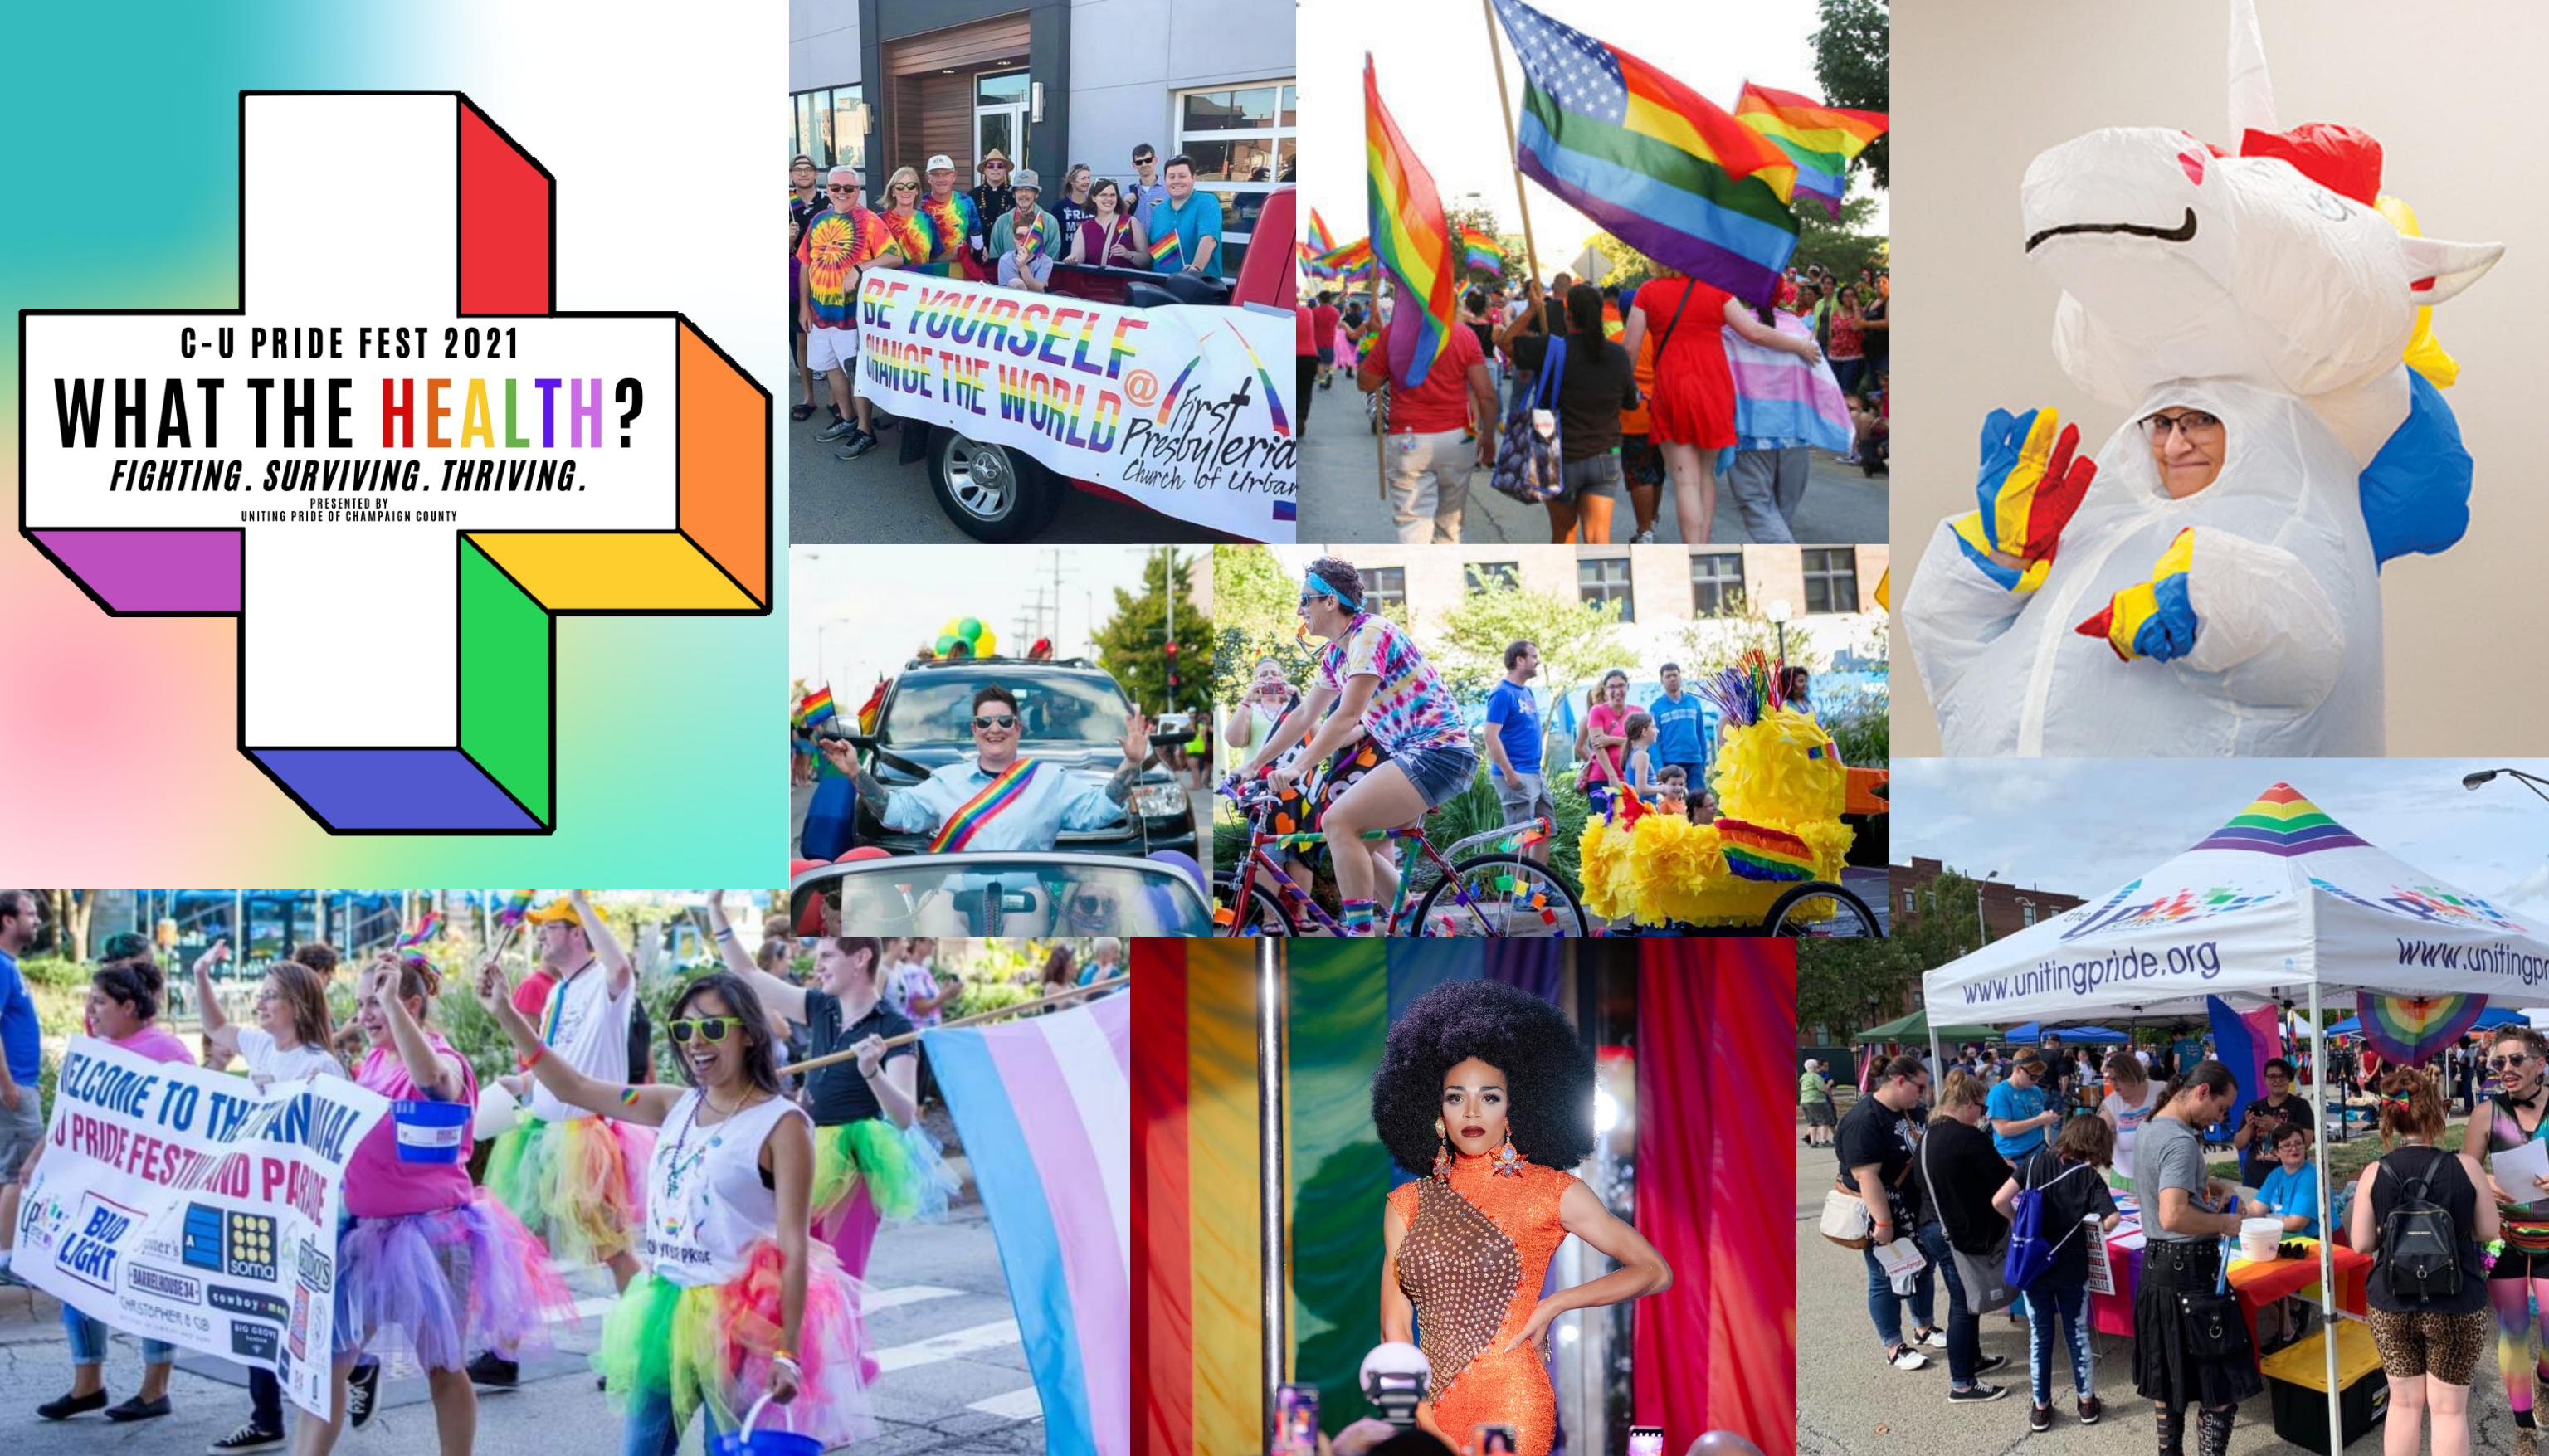 CU Pride Fest 2021